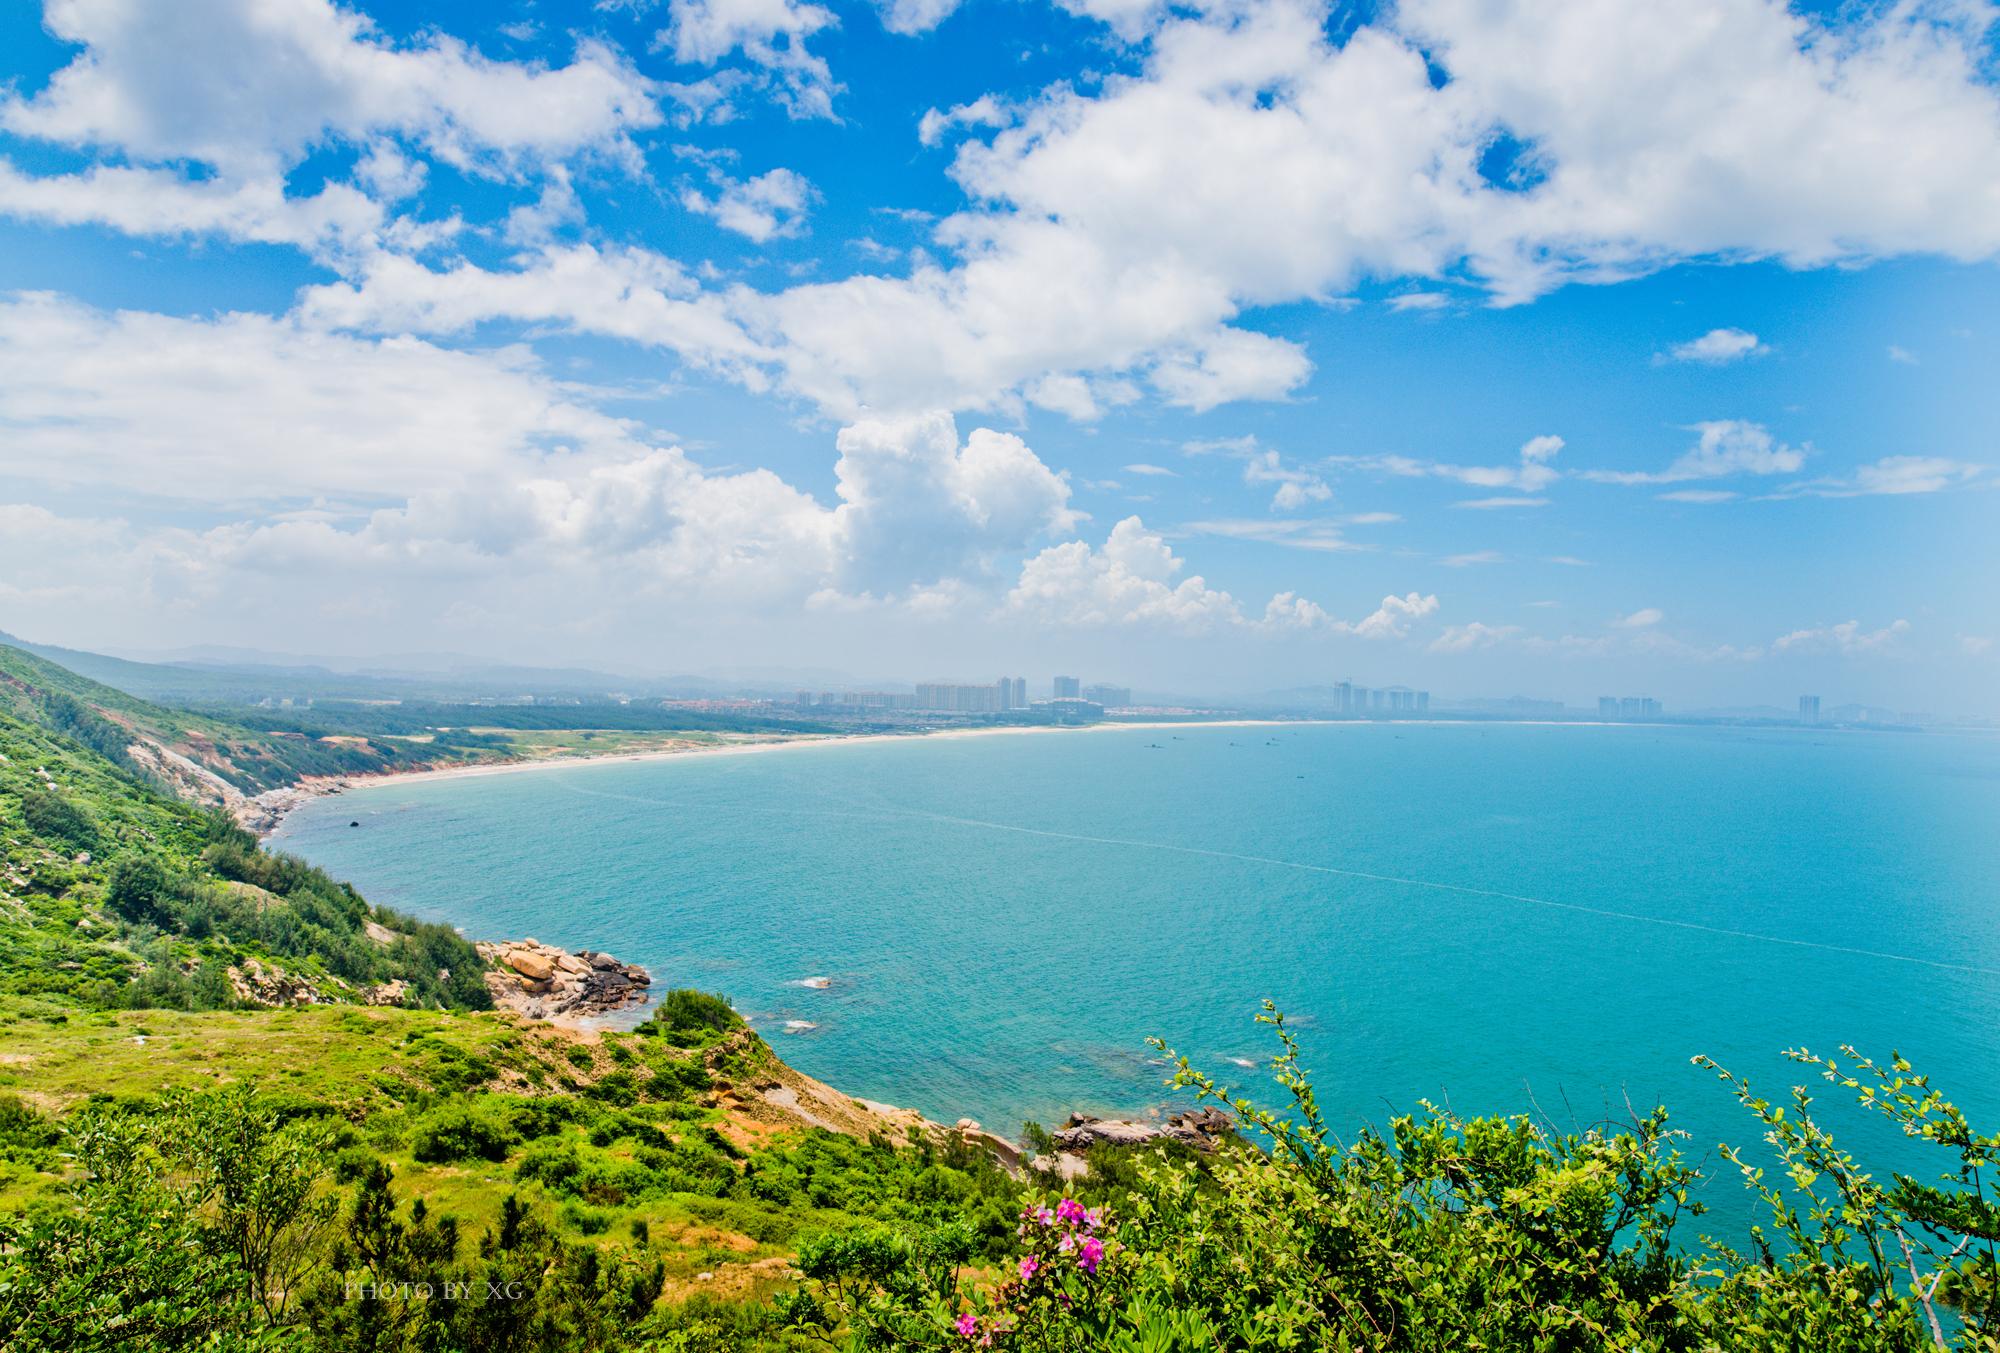 听说过福建东山岛吗?它是中国最美海岛之一,并被评为中国夏威夷